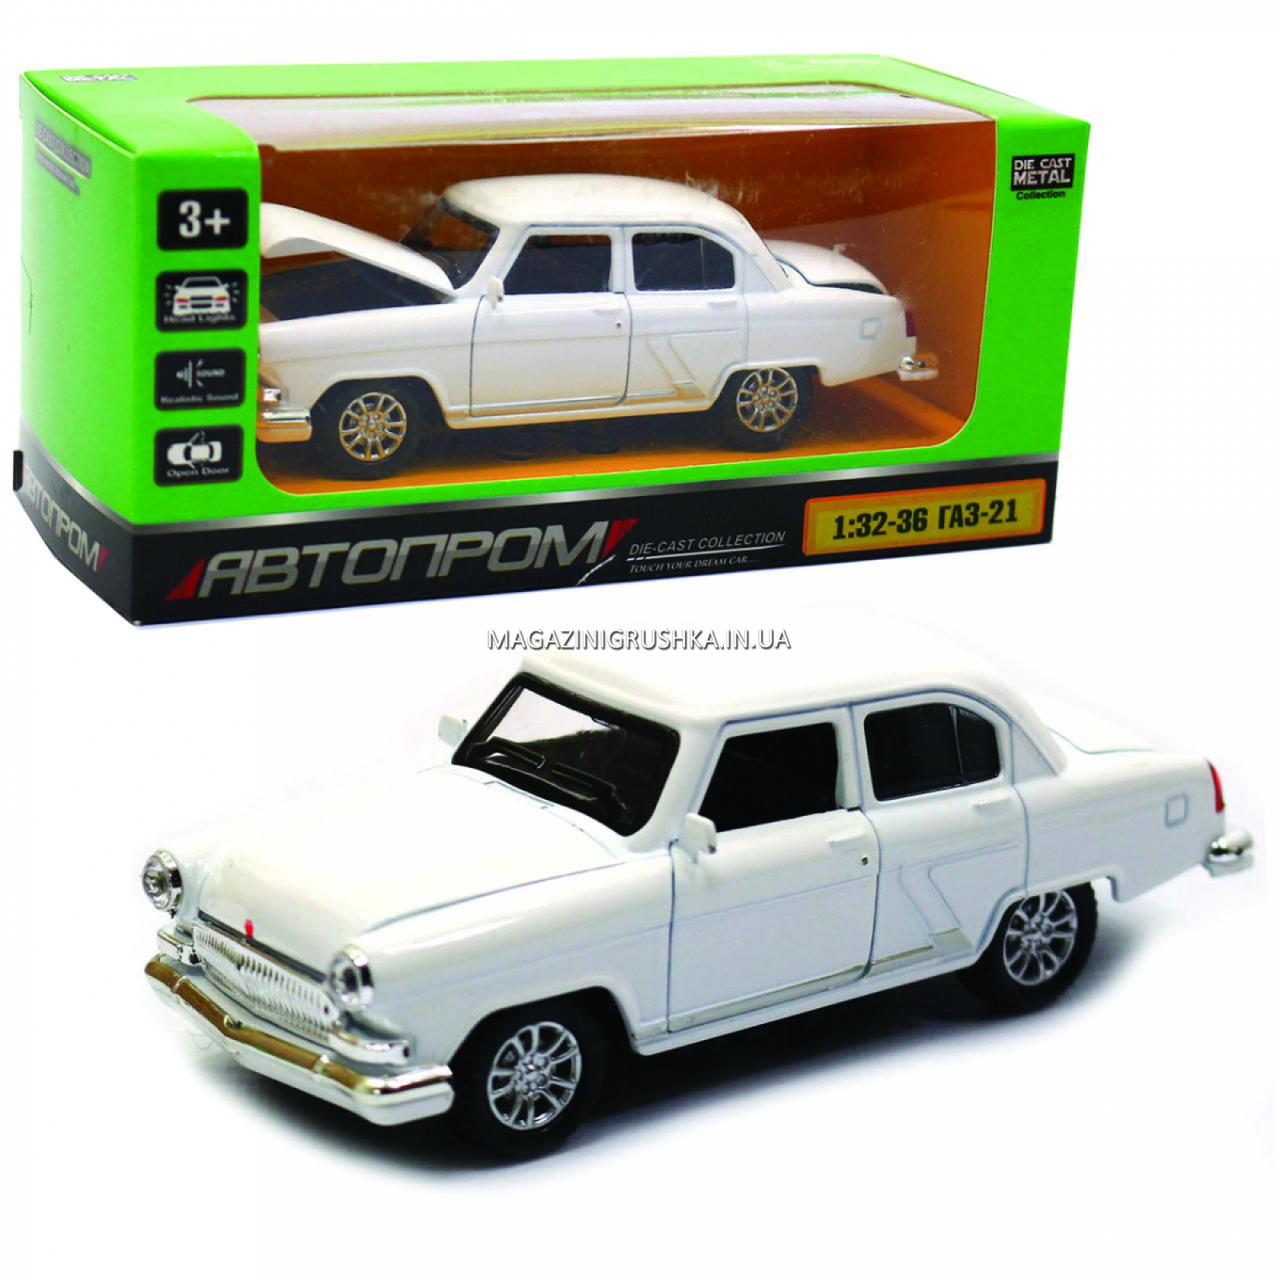 Машинка ігрова автопром «1:32-36 ГАЗ-21» метал, 14 см, білий, світло, звук, двері відкриваються (7504)